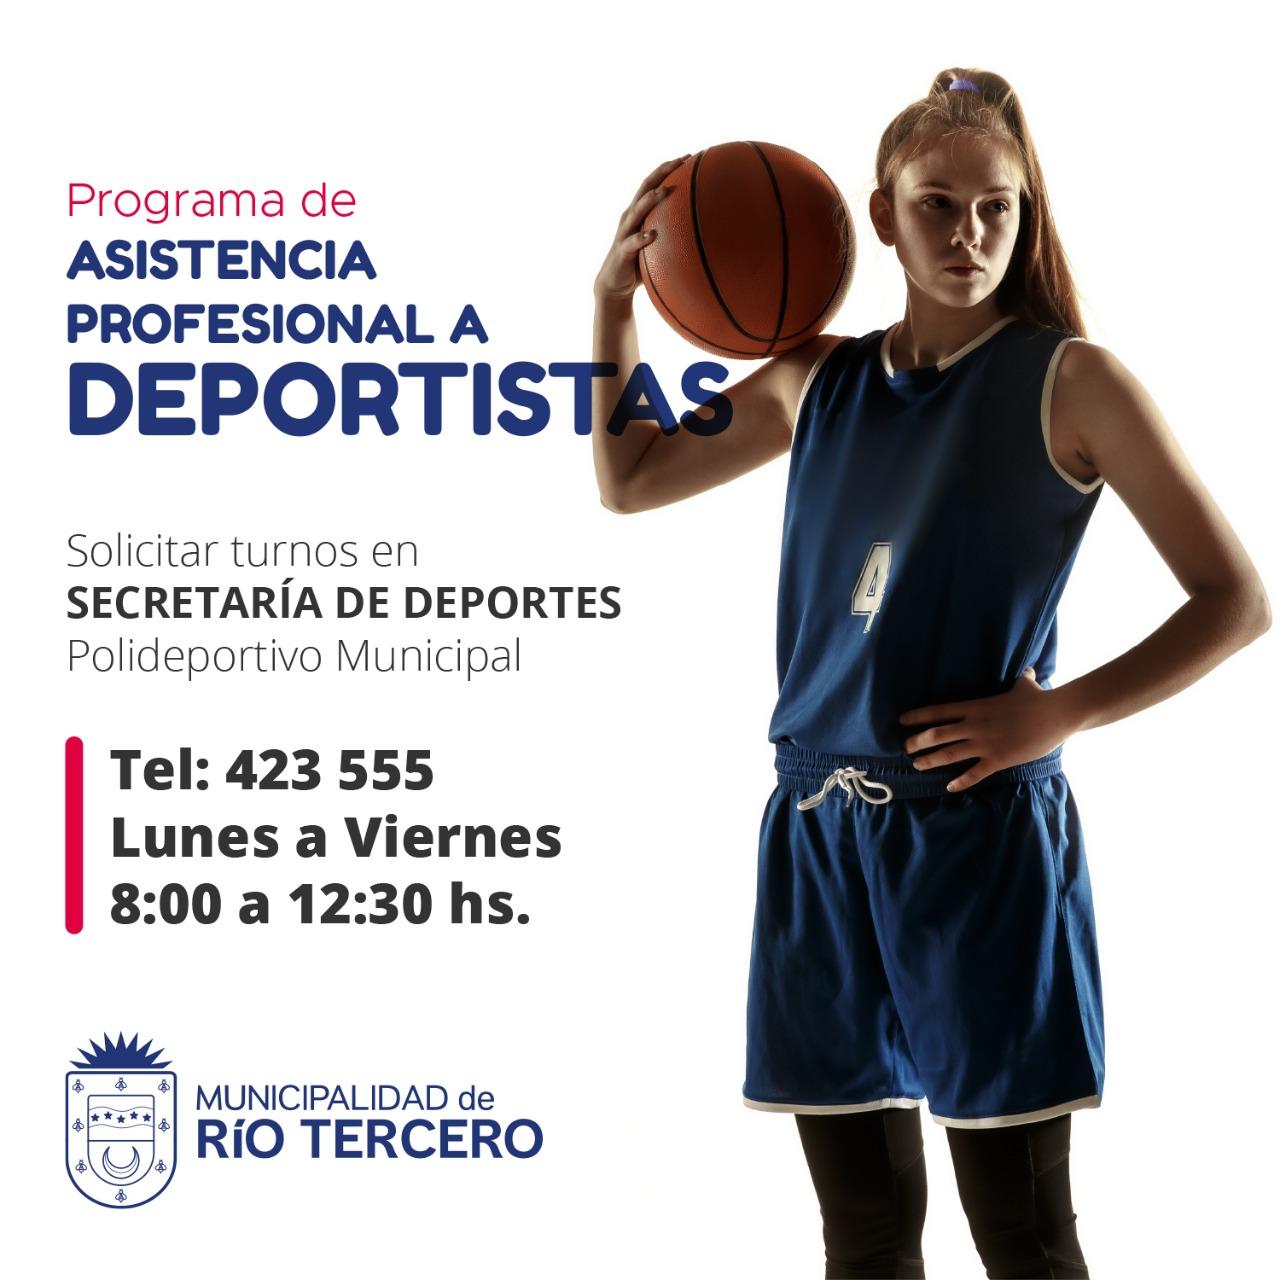 PROGRAMA DE ASISTENCIA PROFESIONAL A DEPORTISTAS